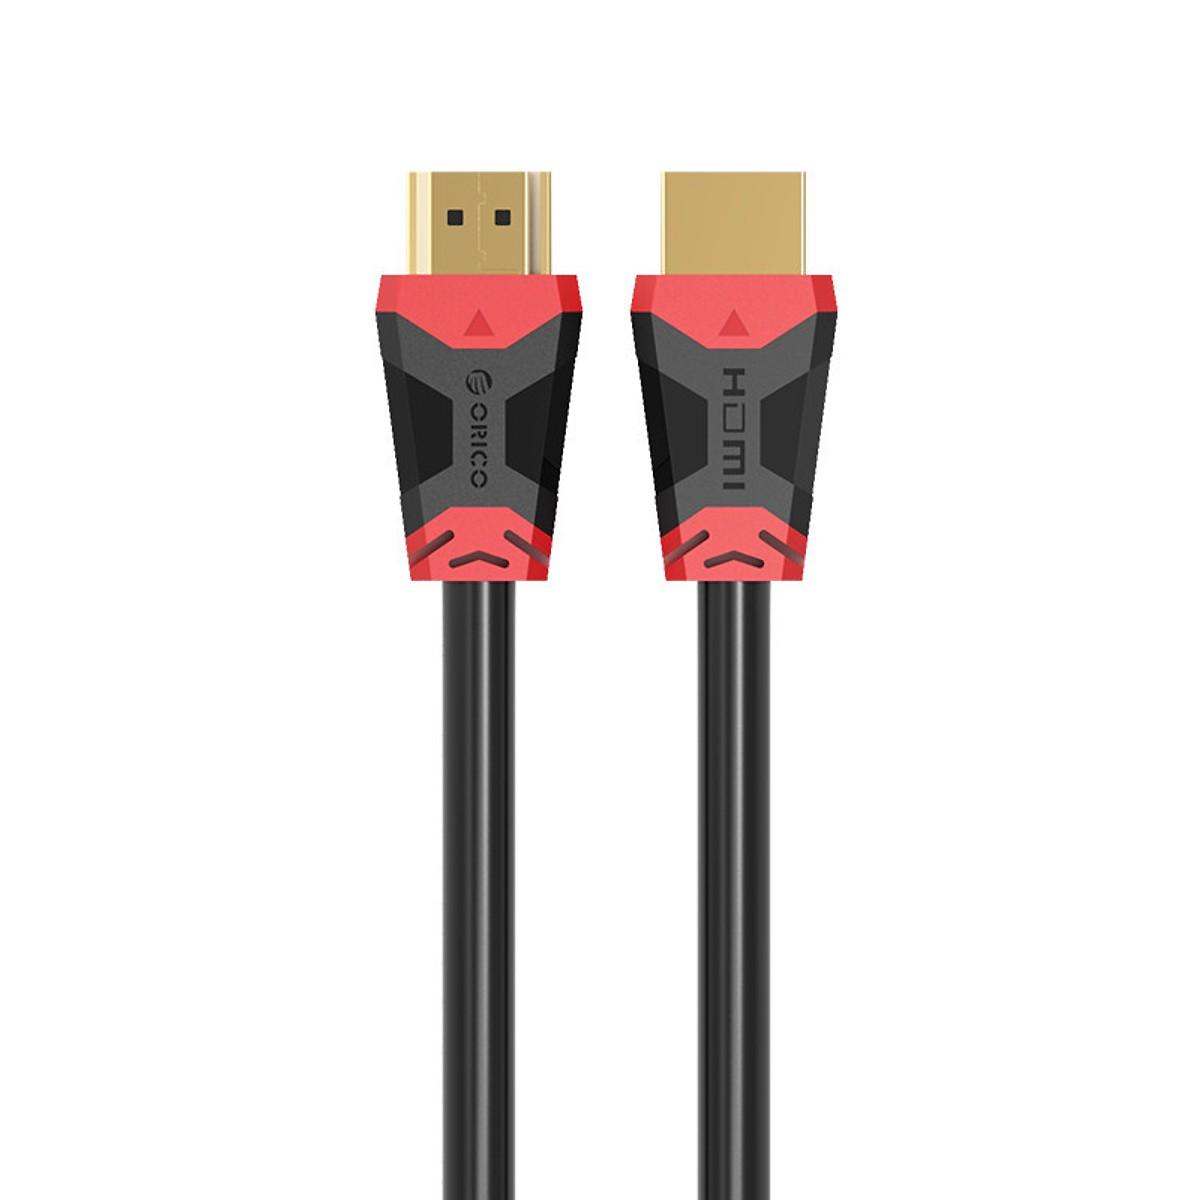 Cáp Nối Dài HDMI Chuẩn 2.0 Orico - HD303-30-BK (3m) - Hàng Chính Hãng - Màu Đen